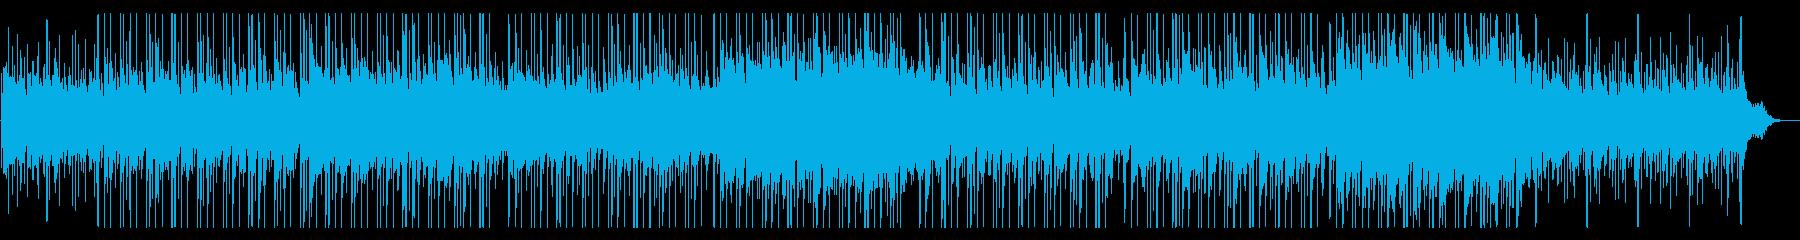 企業VP・CM 感動的なハーモニクスの再生済みの波形